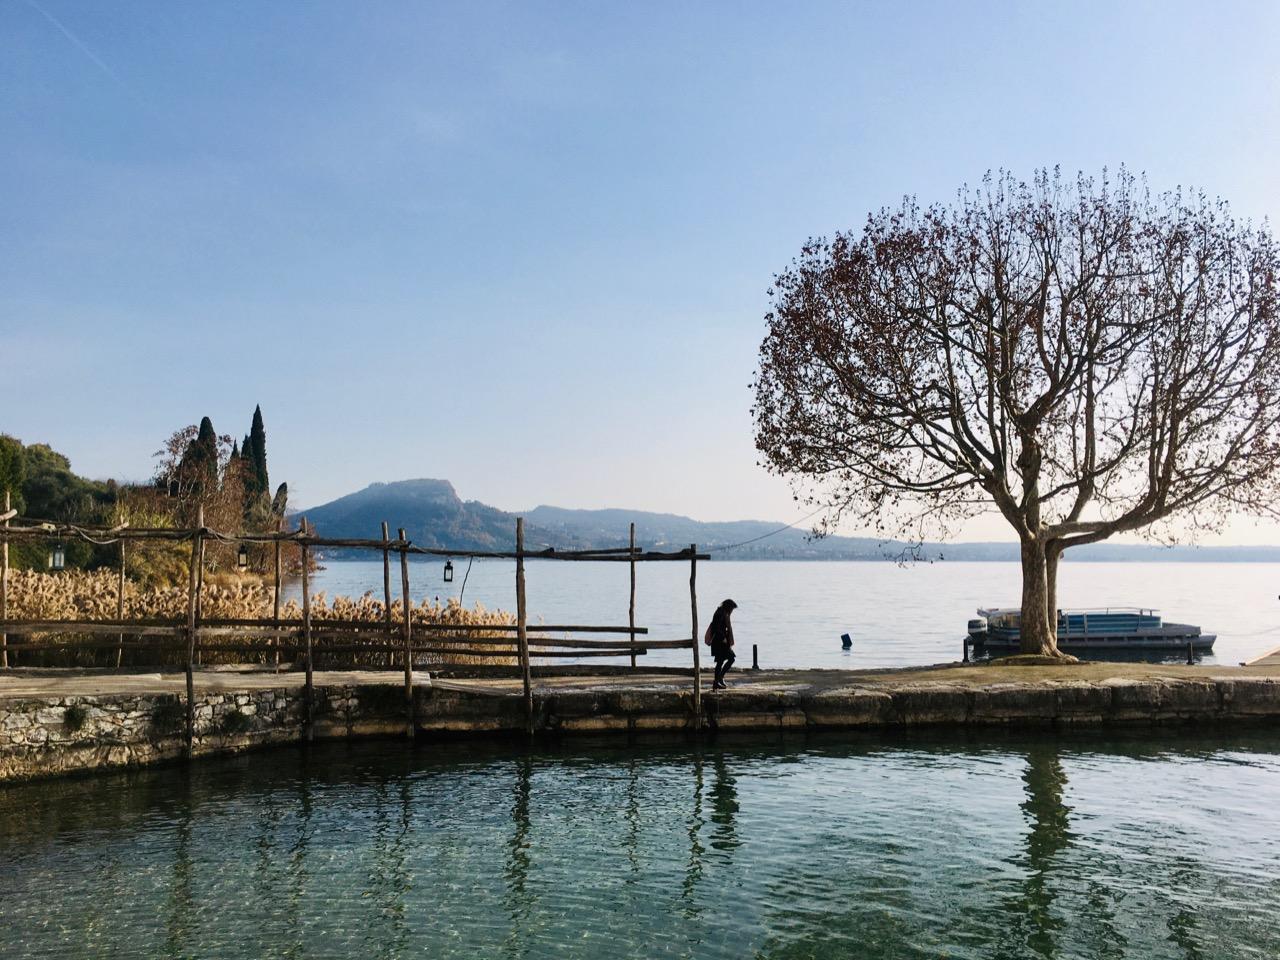 Along Lake Garda near Bardolino